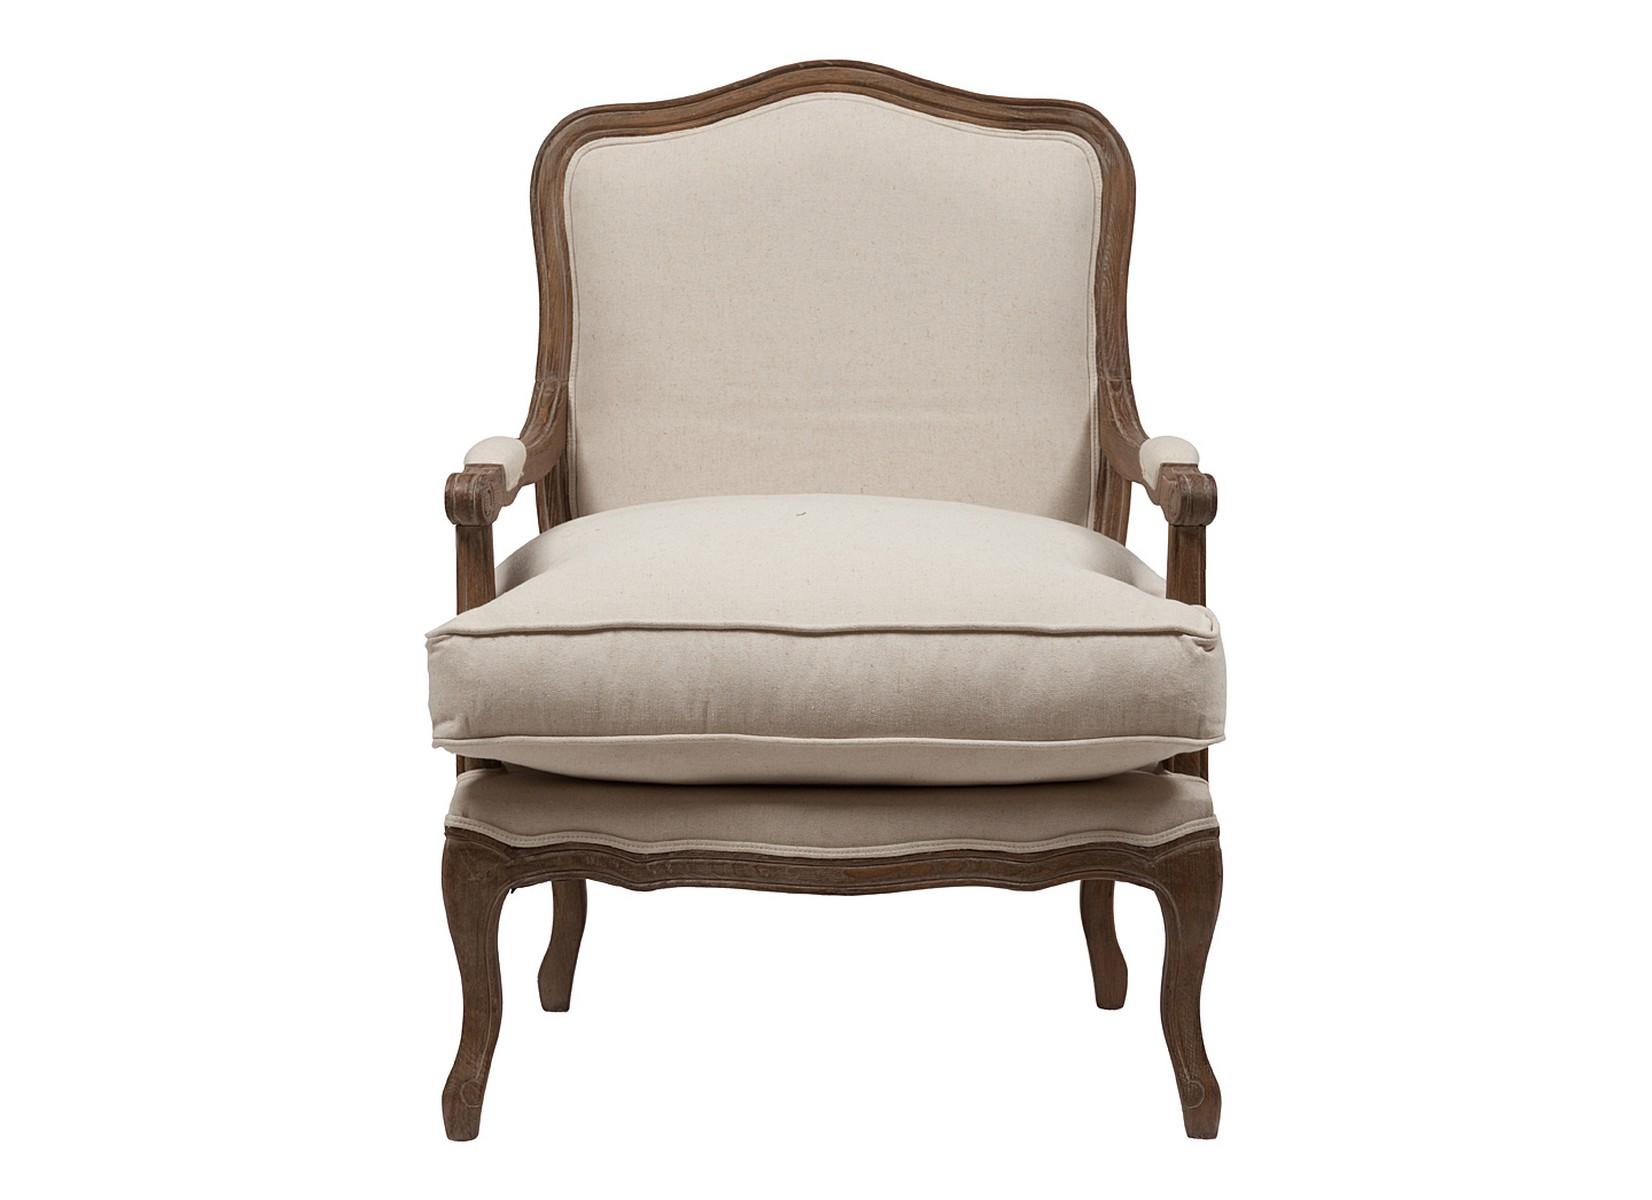 Кресло Louisa Bergere ChairКресла с высокой спинкой<br>Материал каркаса: дуб<br><br>Material: Лен<br>Width см: 68<br>Depth см: 63<br>Height см: 110